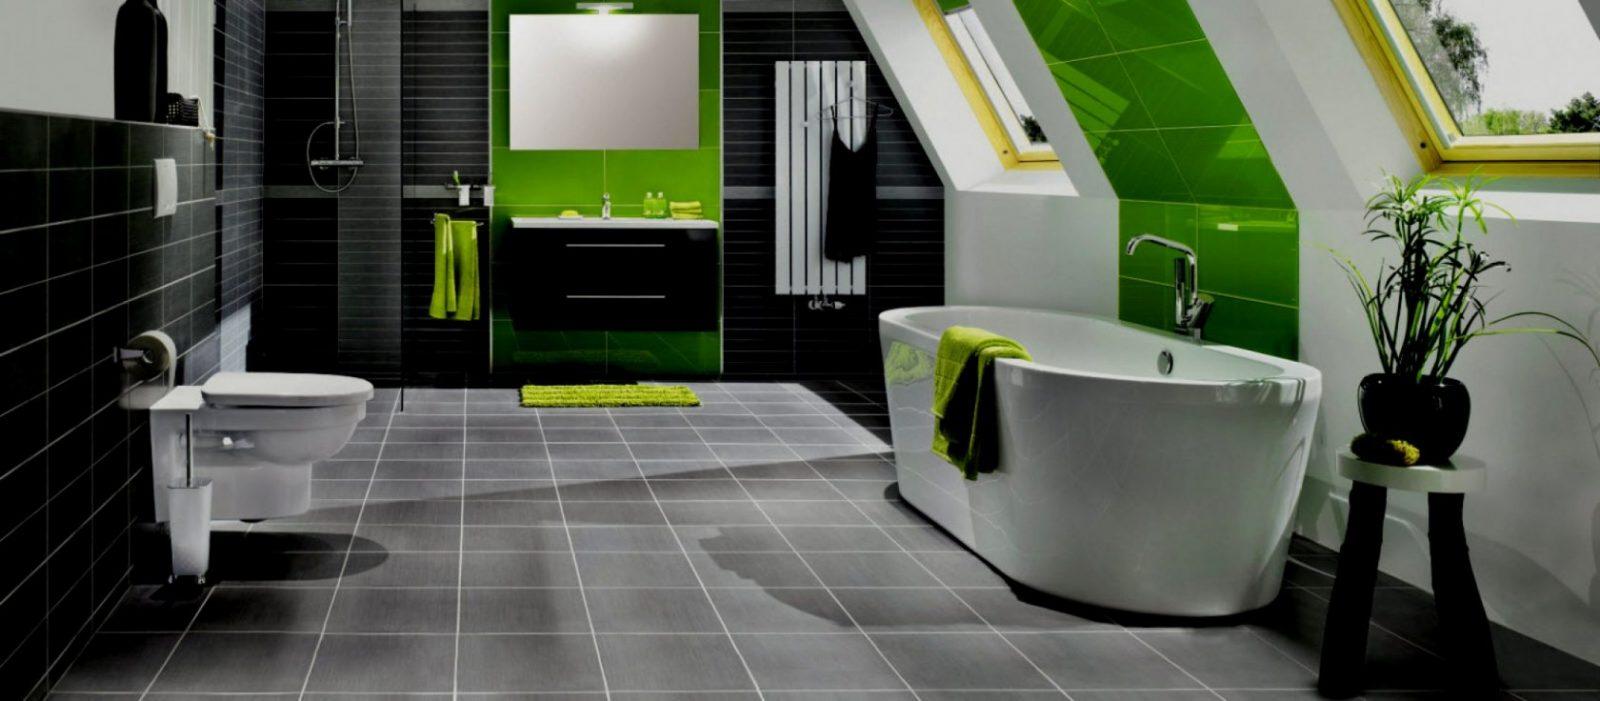 Preise Badezimmer Fugenloses Bad Kosten Elanium Ist Sogar Ein von Bad Ohne Fliesen Kosten Bild